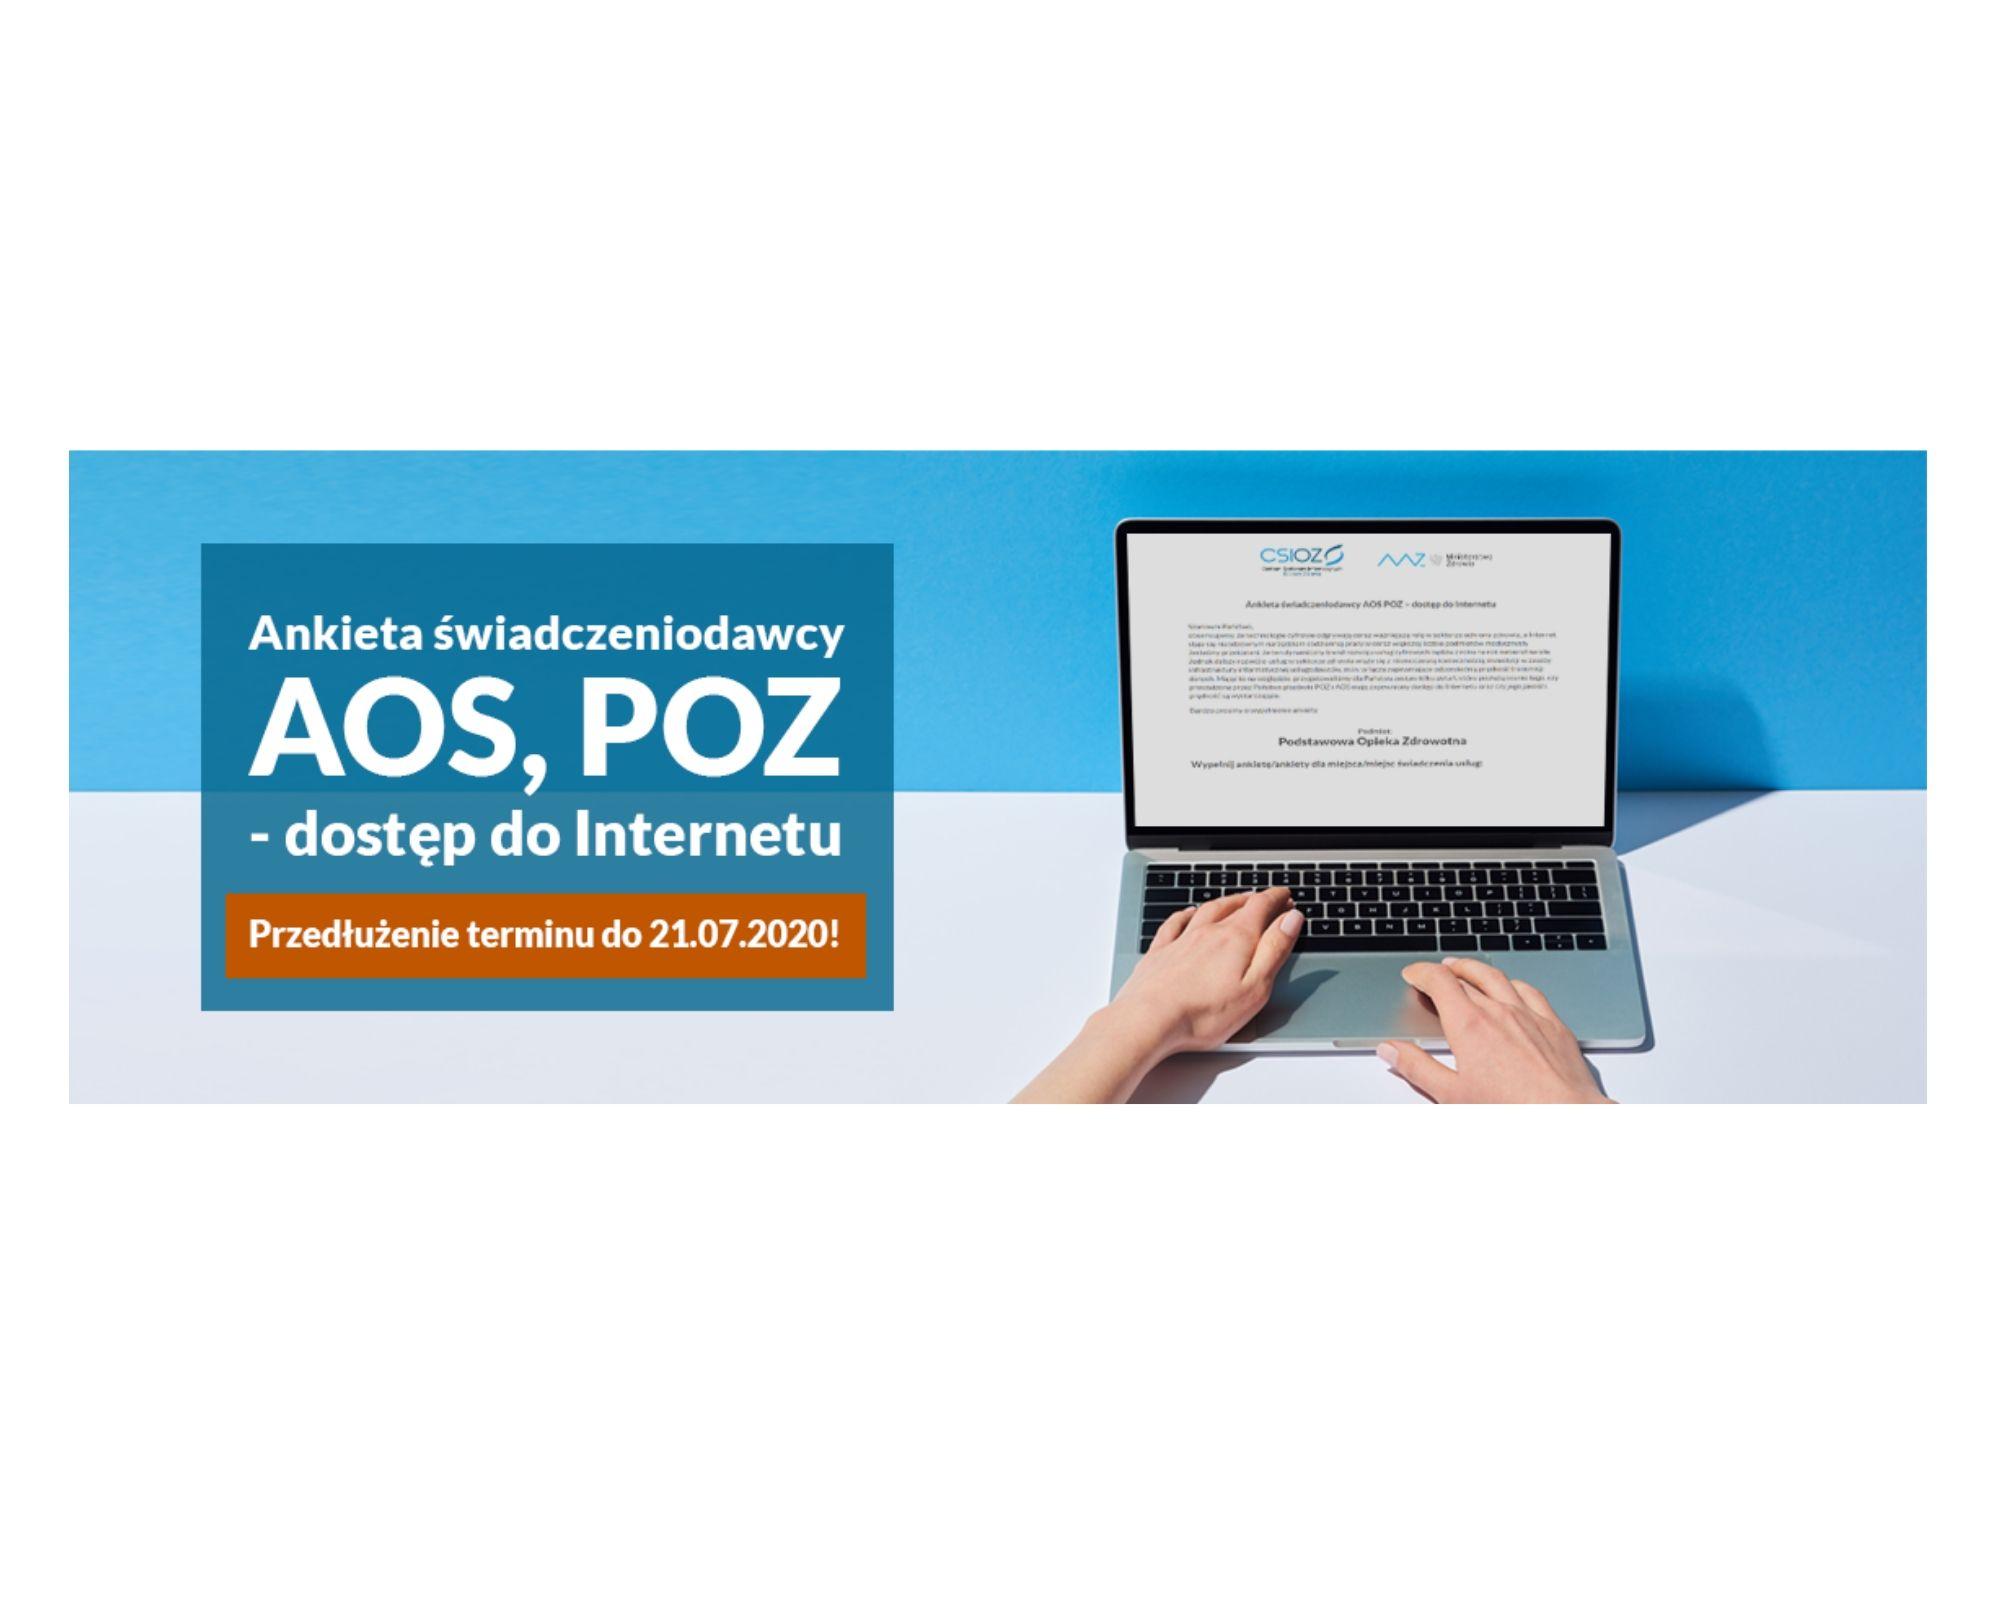 Ilustracja do informacji: Wydłużenie terminu przesyłania ankiet dot. jakości i prędkości internetu w POZ i AOS